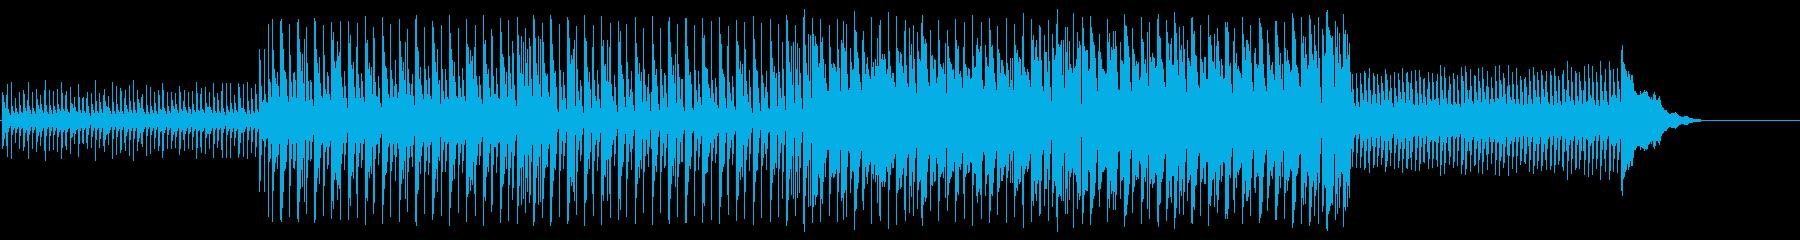 単調でシリアスなちょっと重たいポップの再生済みの波形